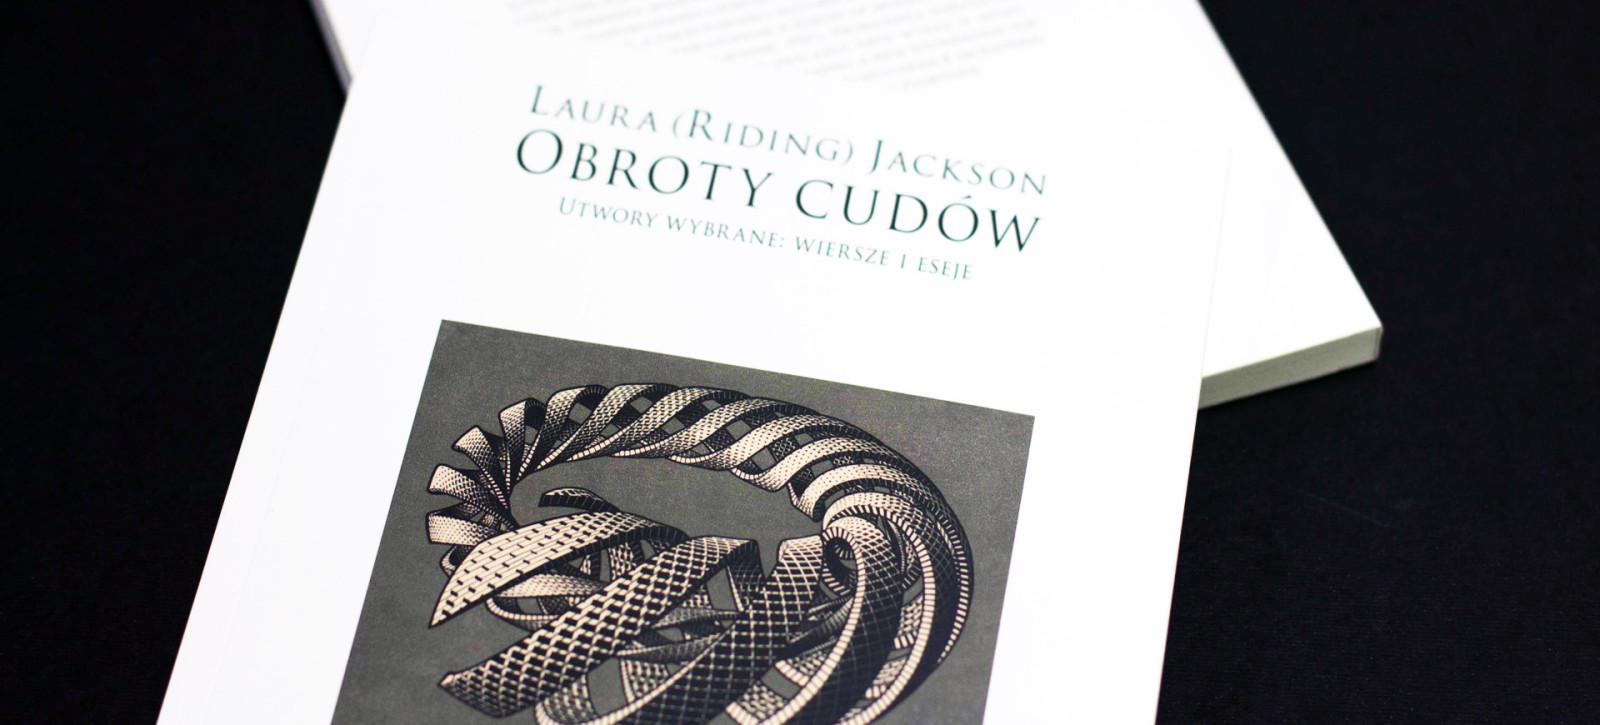 KSIAZKI_Obroty-cudow_1